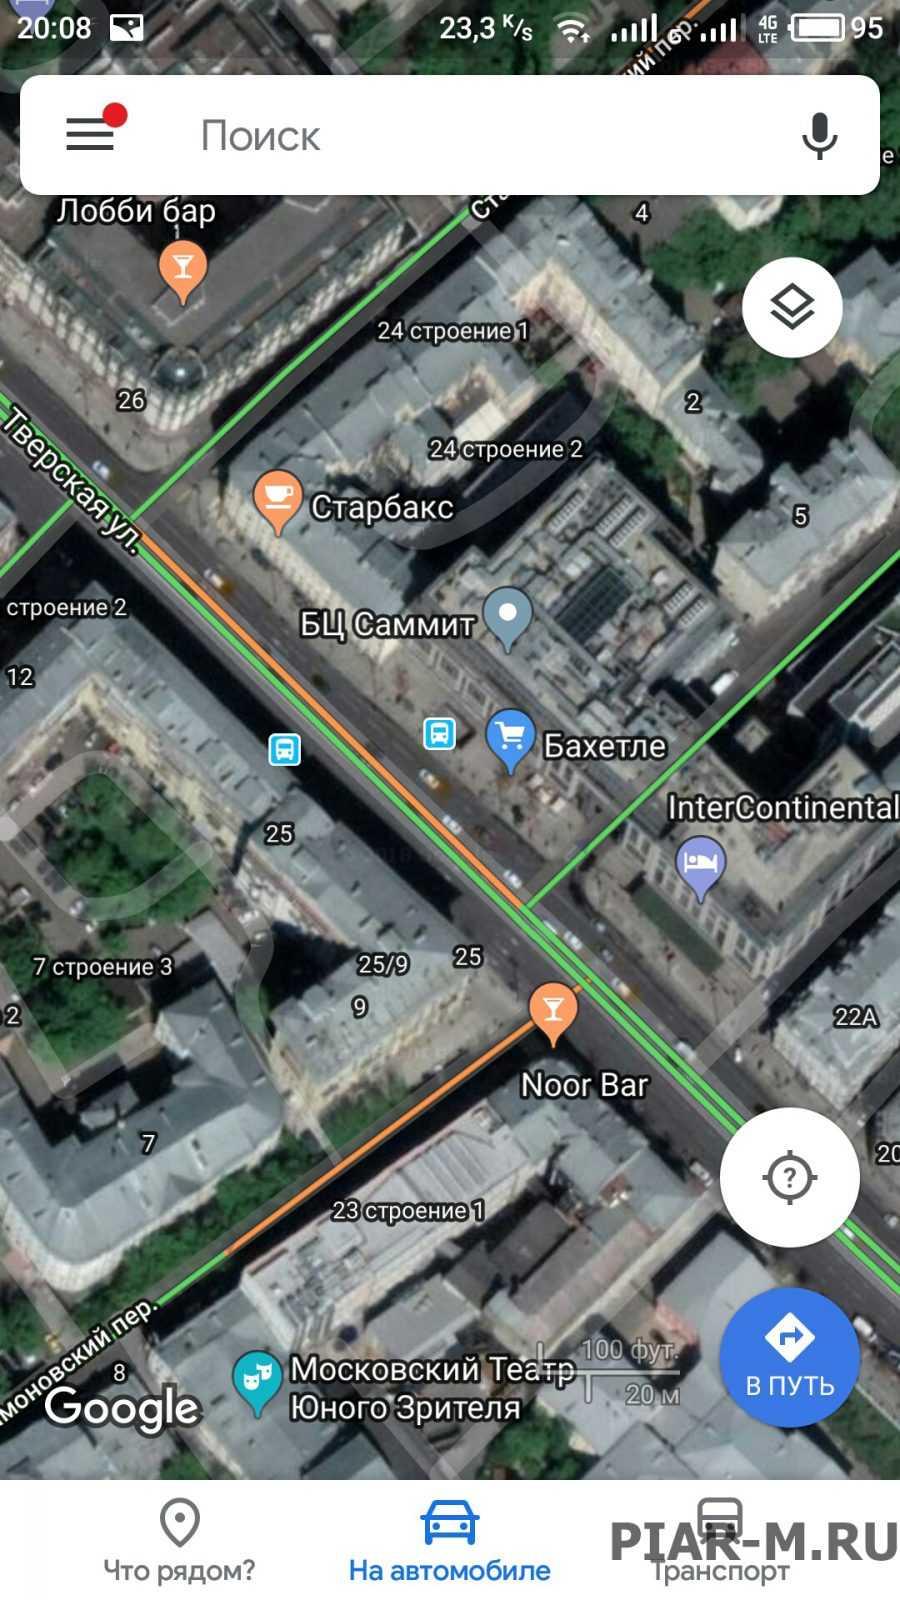 Какой навигатор лучше установить на андроид: гугл карты